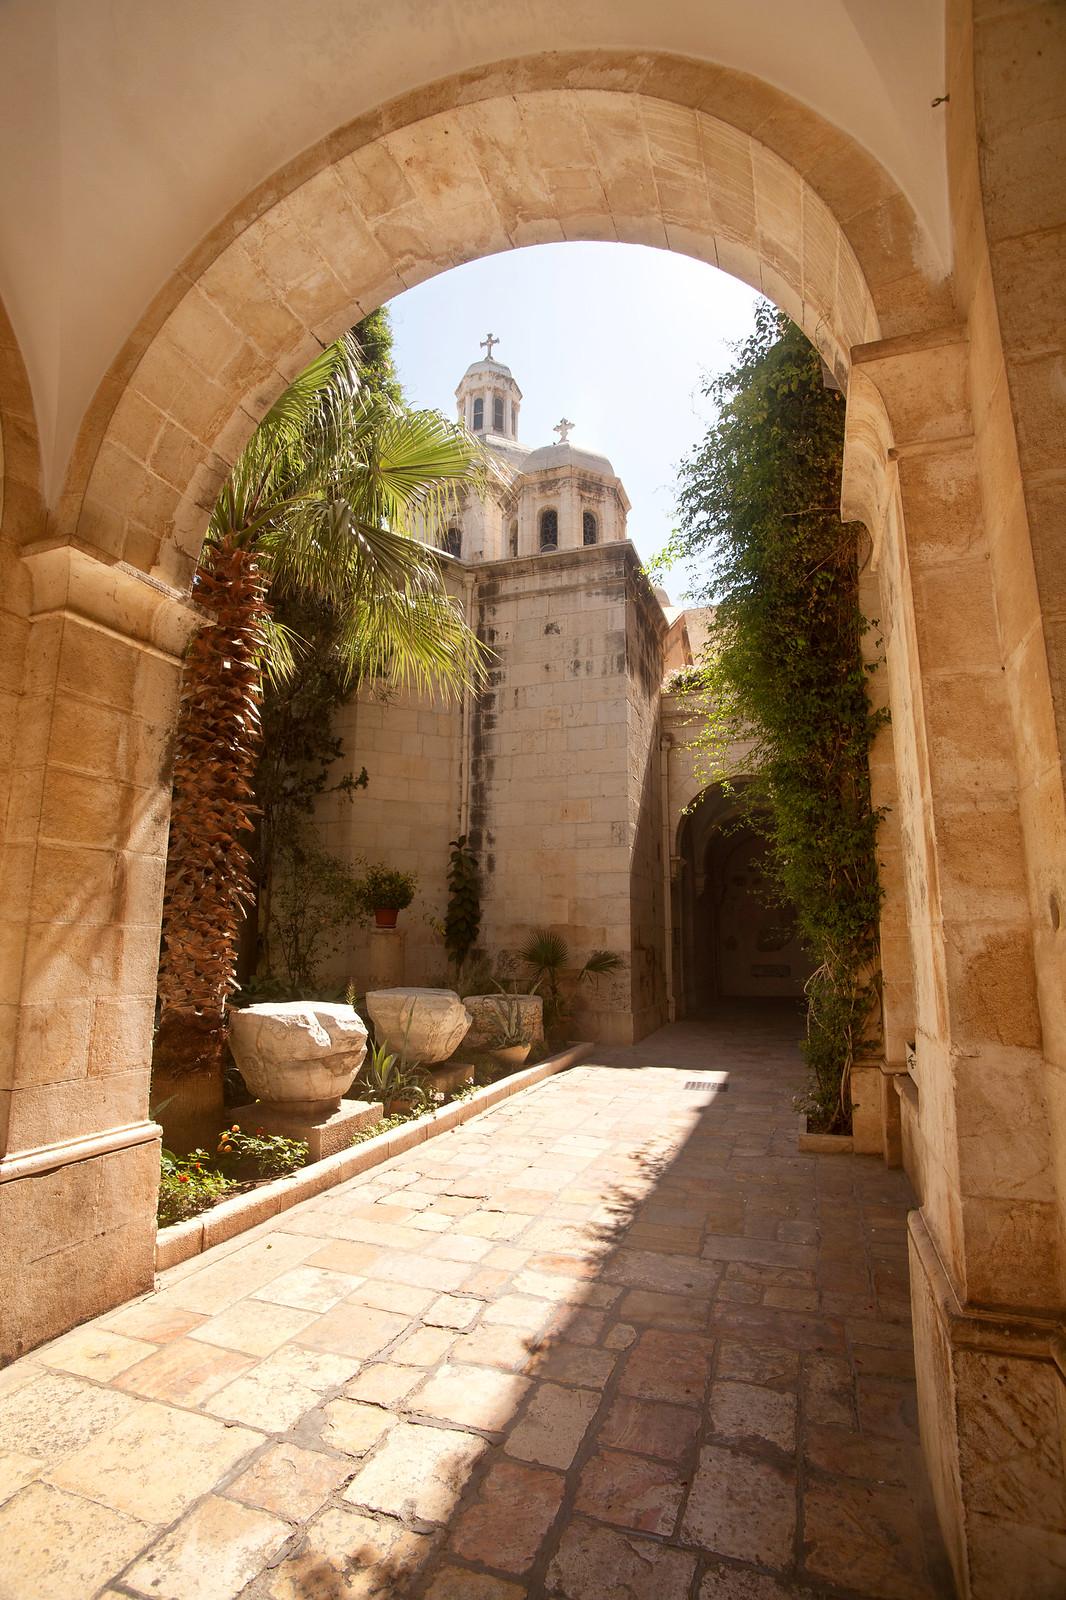 Jerusalem_Via Dolorosa_Station 2 (3)_Noam Chen_IMOT